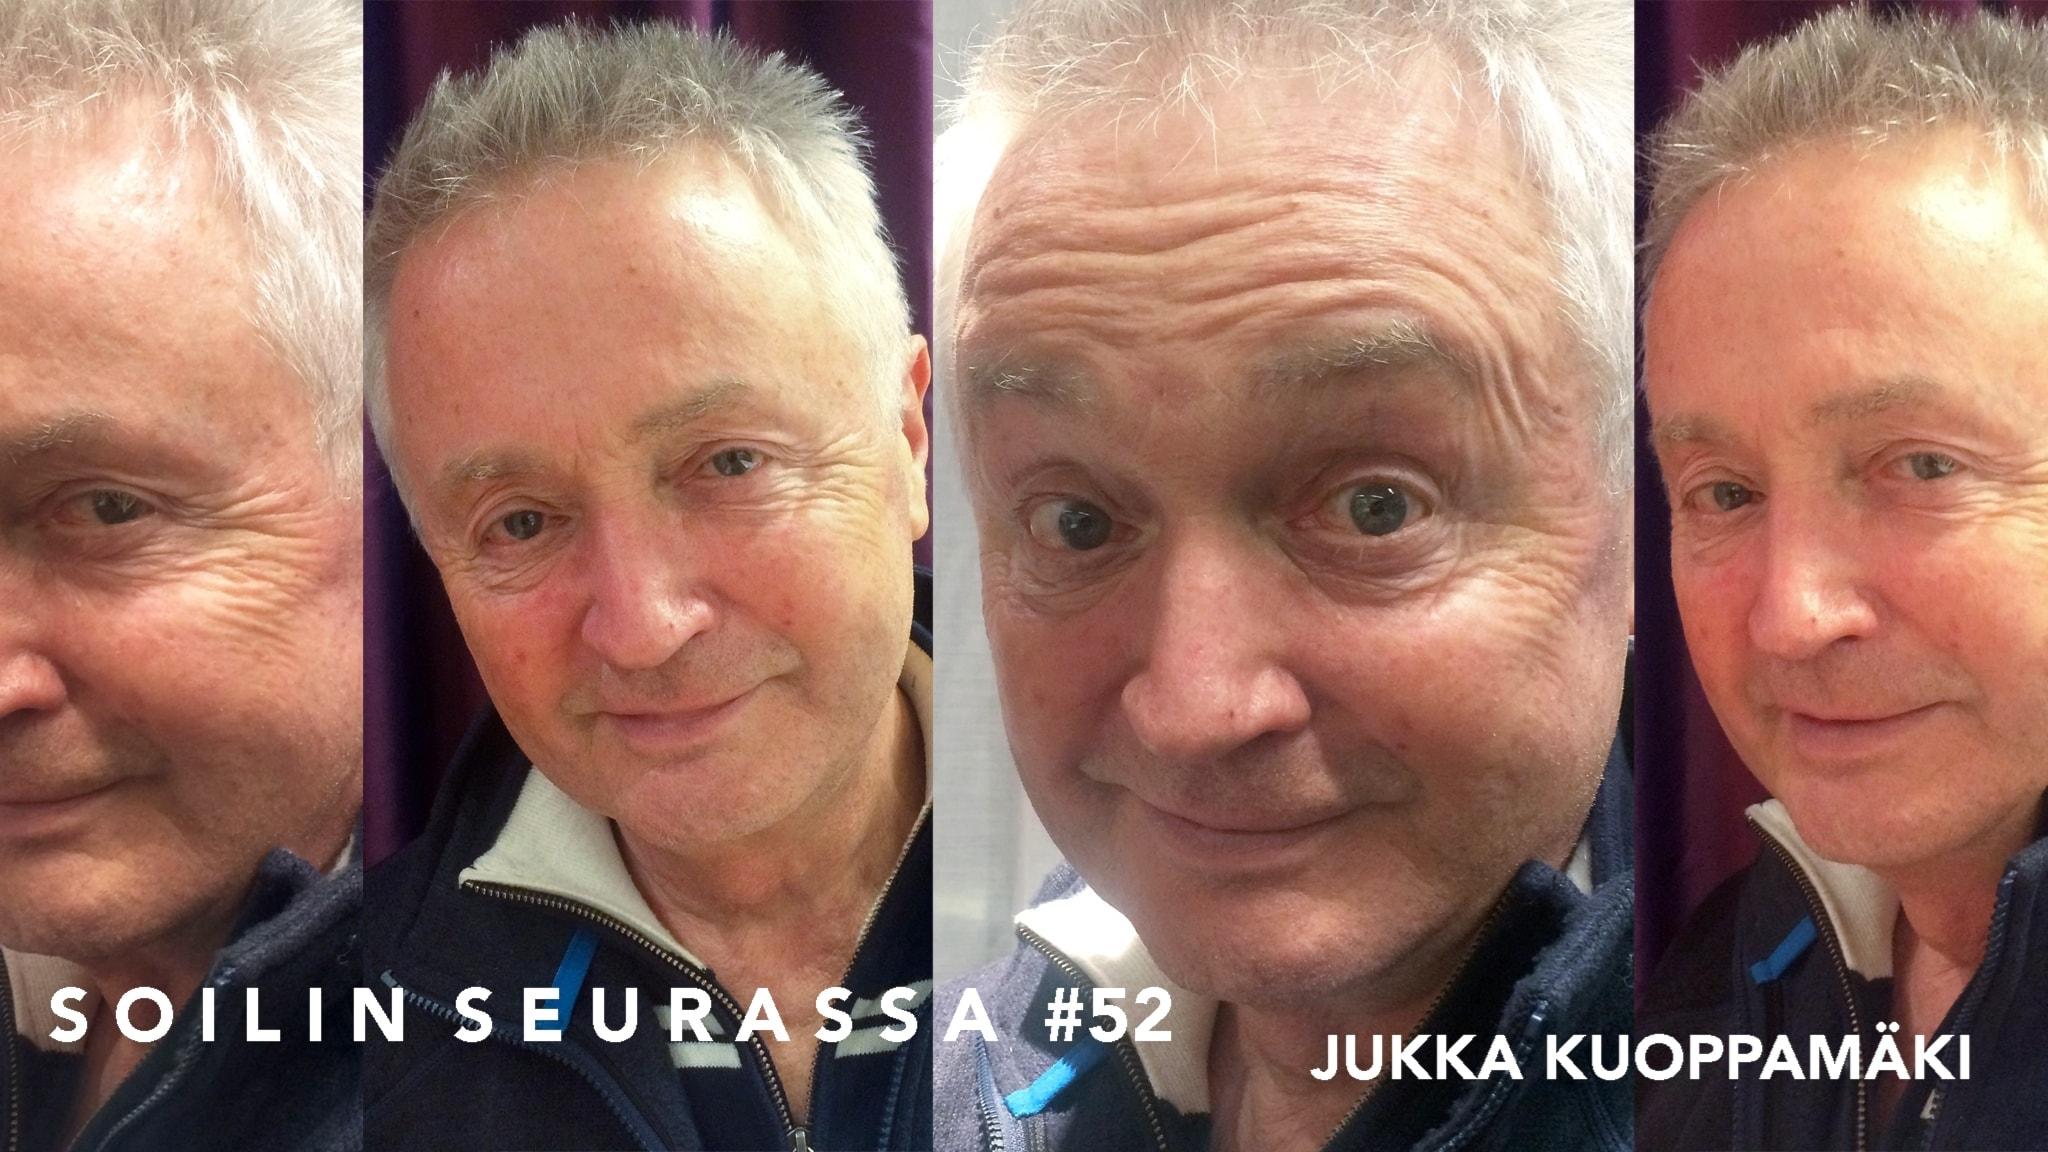 Soilin joululahja Sisuradion kuuntelijoille: tunti Jukka Kuoppamäen seurassa